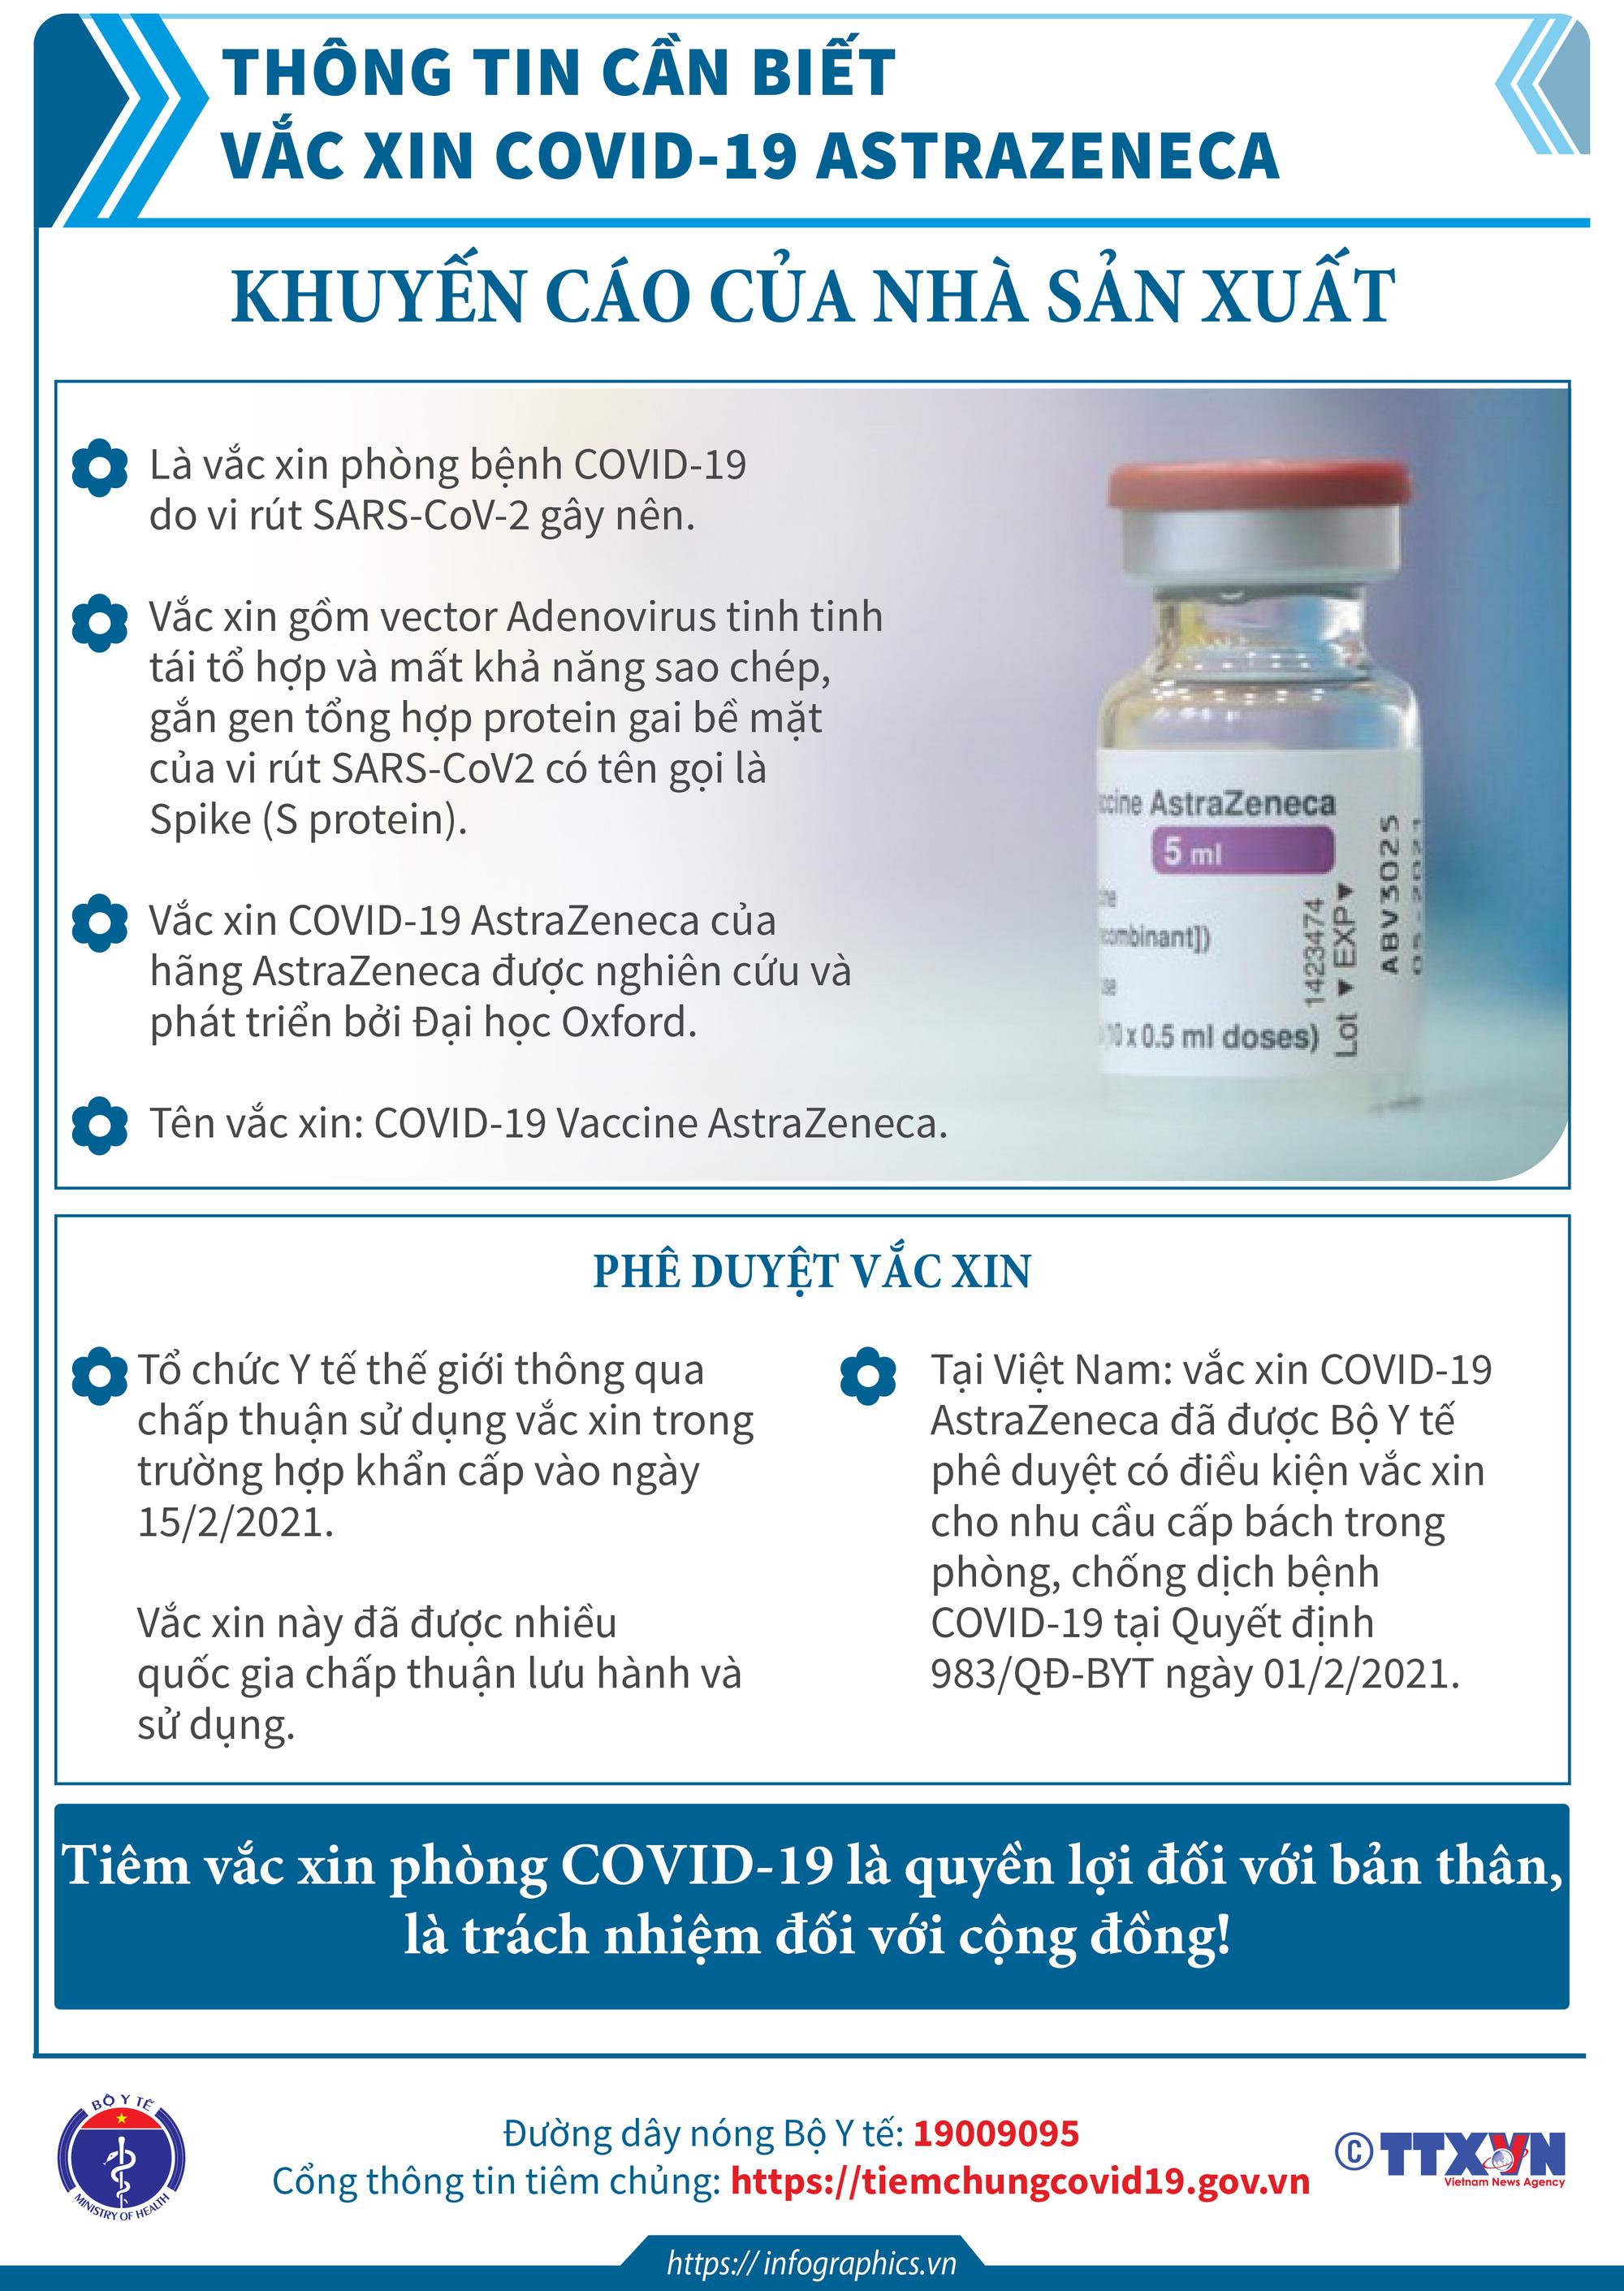 Thông tin cần biết về một số vaccine COVID-19 đang triển khai tiêm chủng tại Việt Nam. - Ảnh 1.